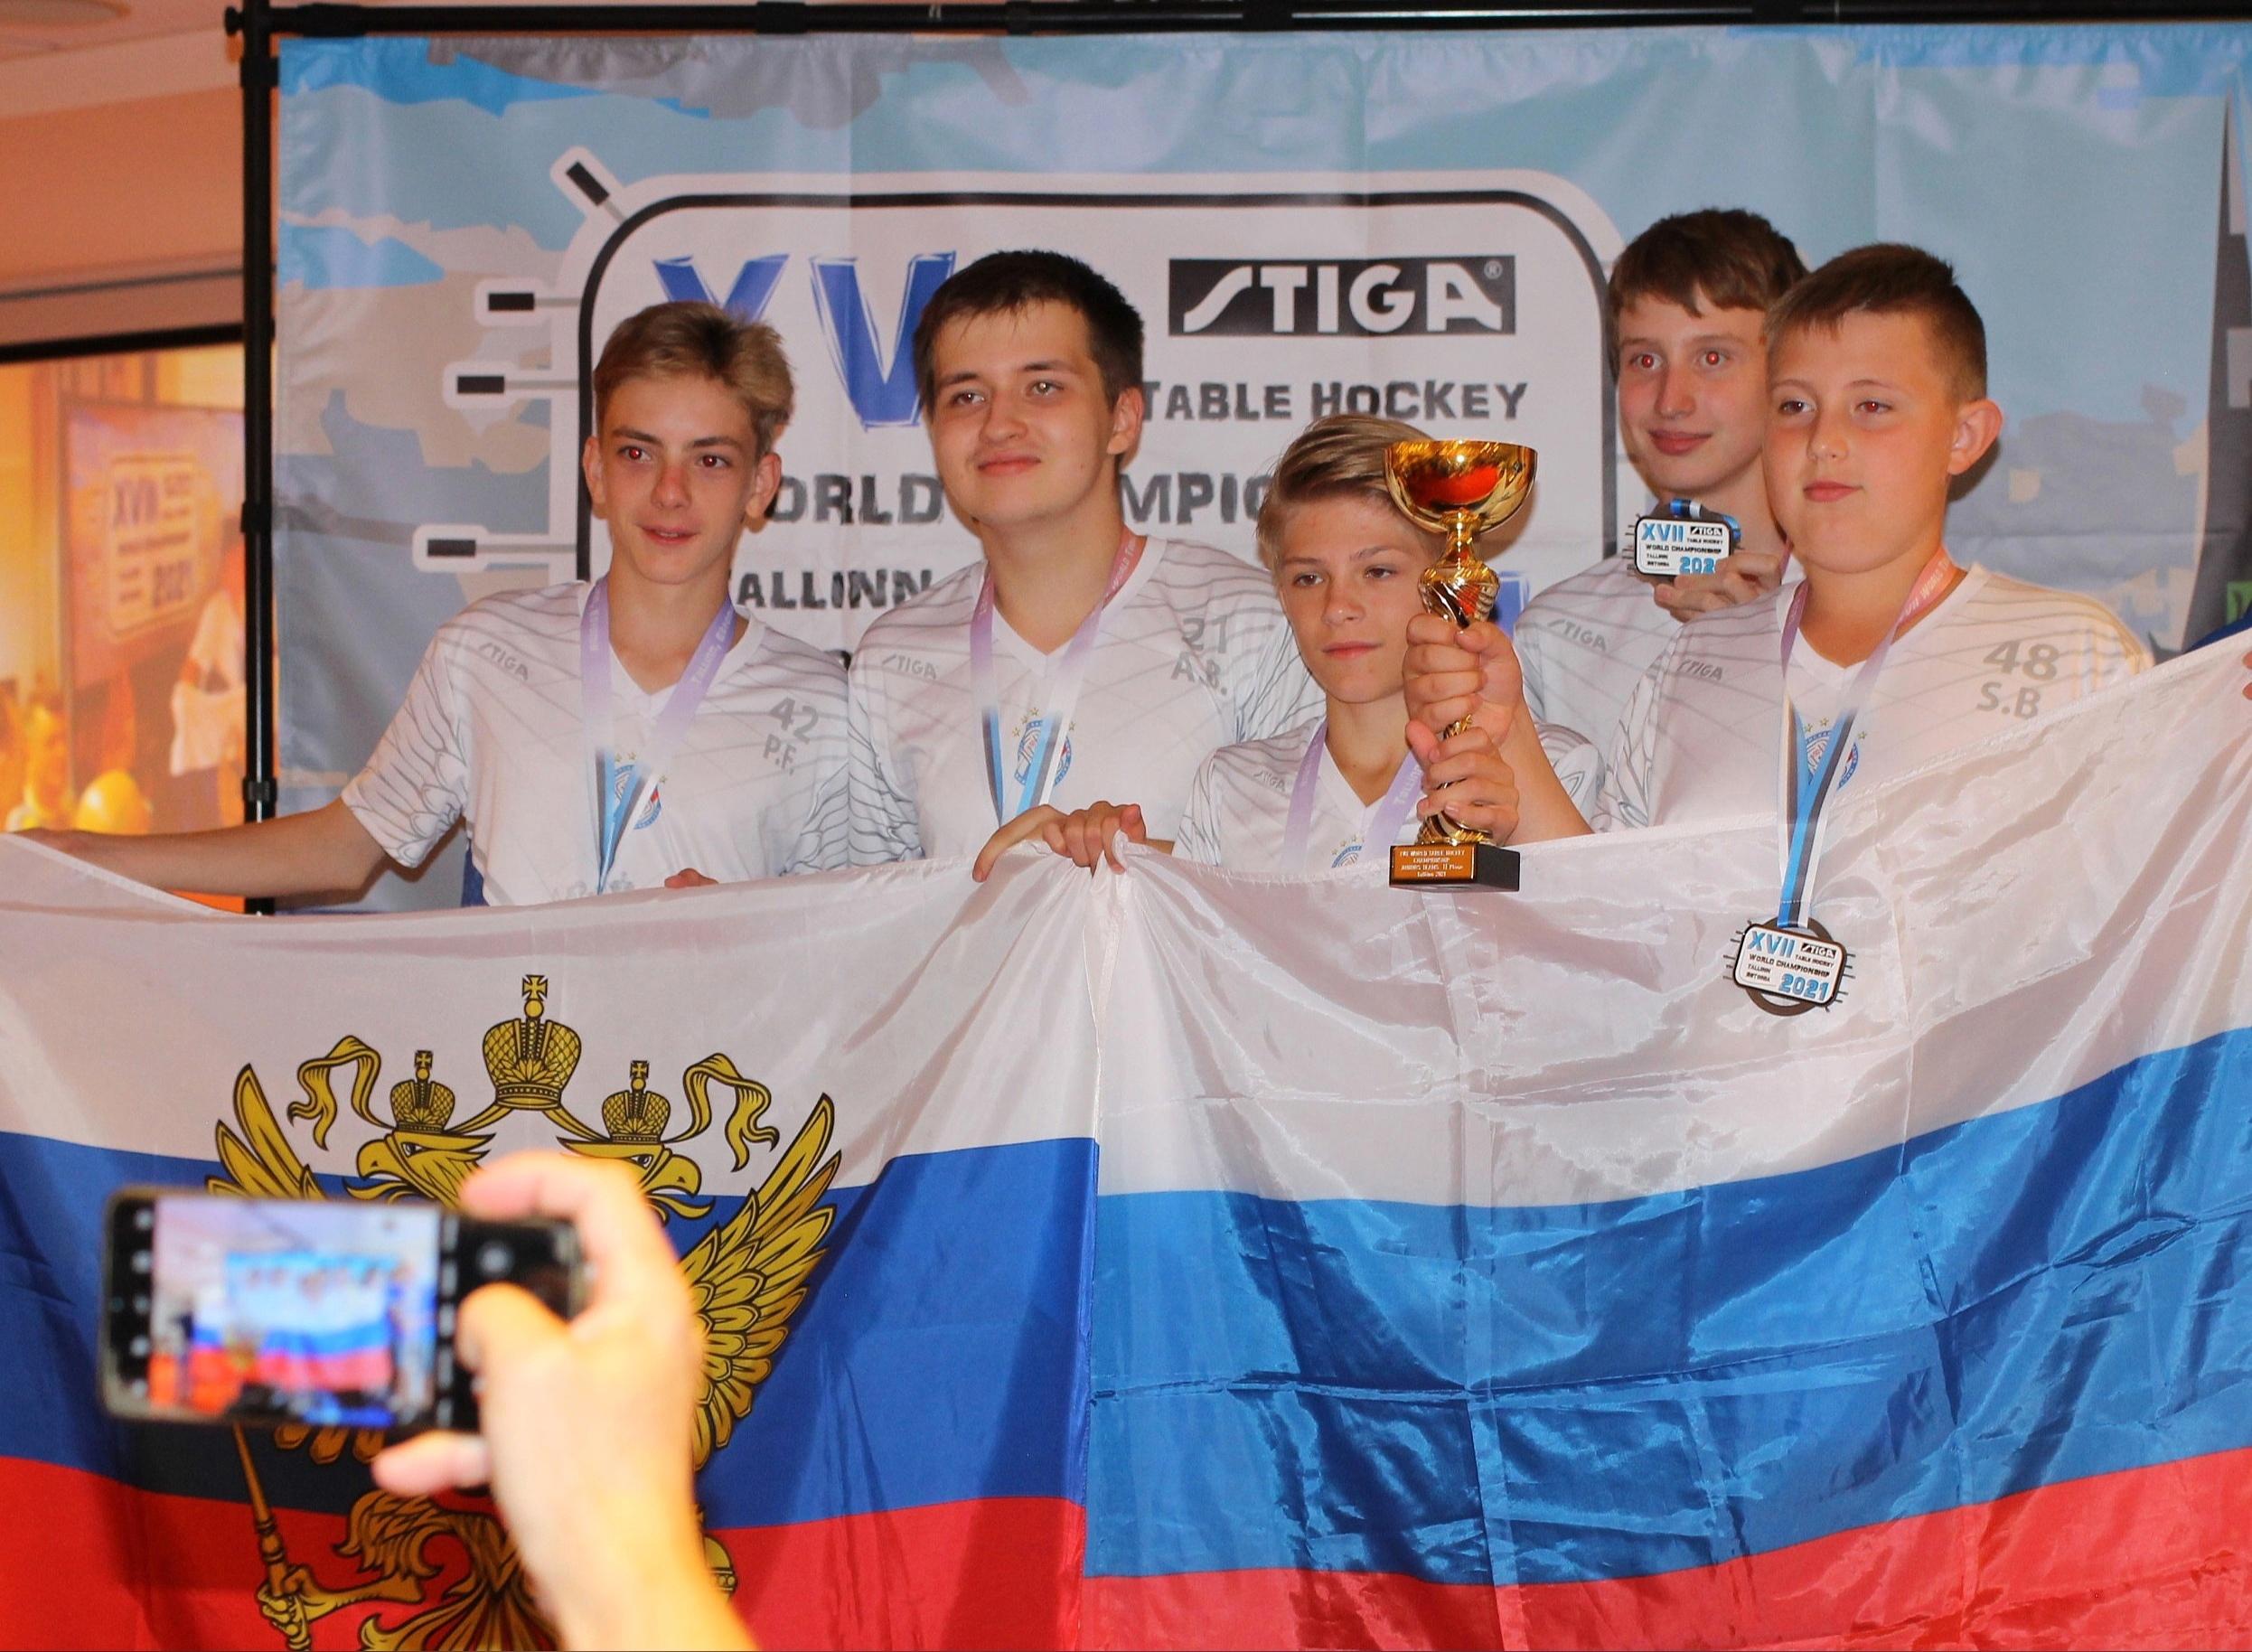 Таллин. Настольный хоккей чемпионат мира.